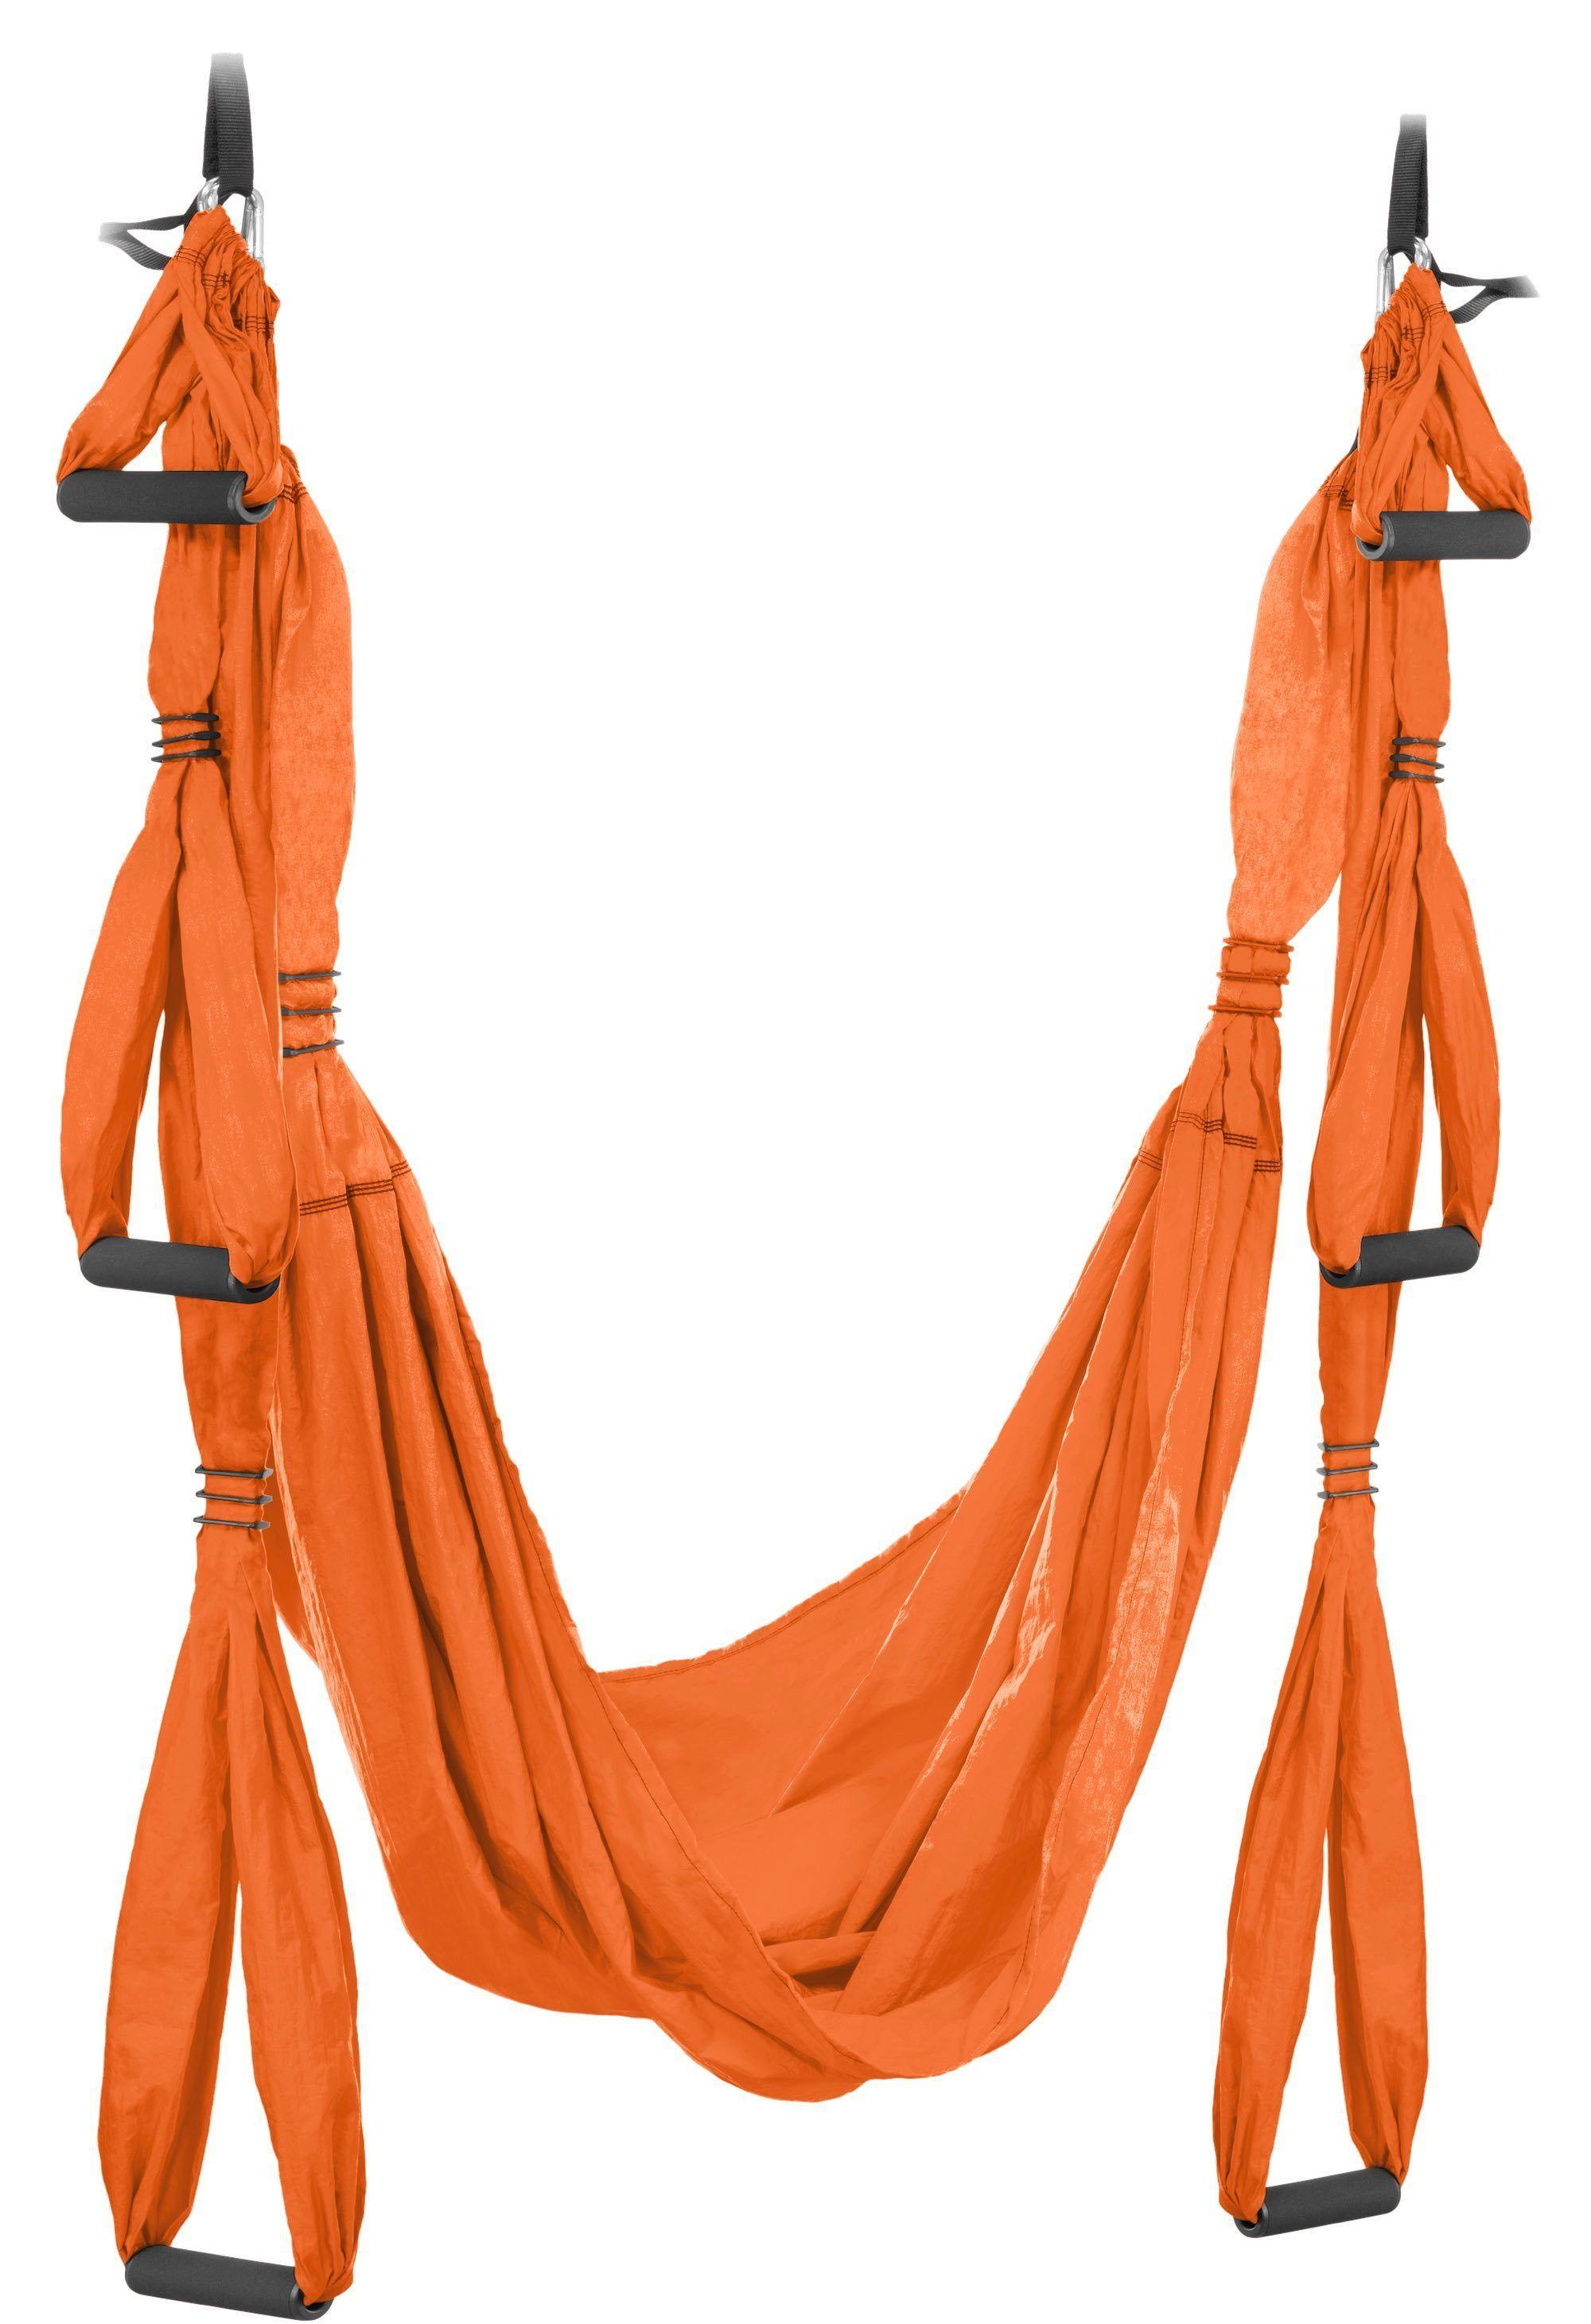 Yoga swing orange products